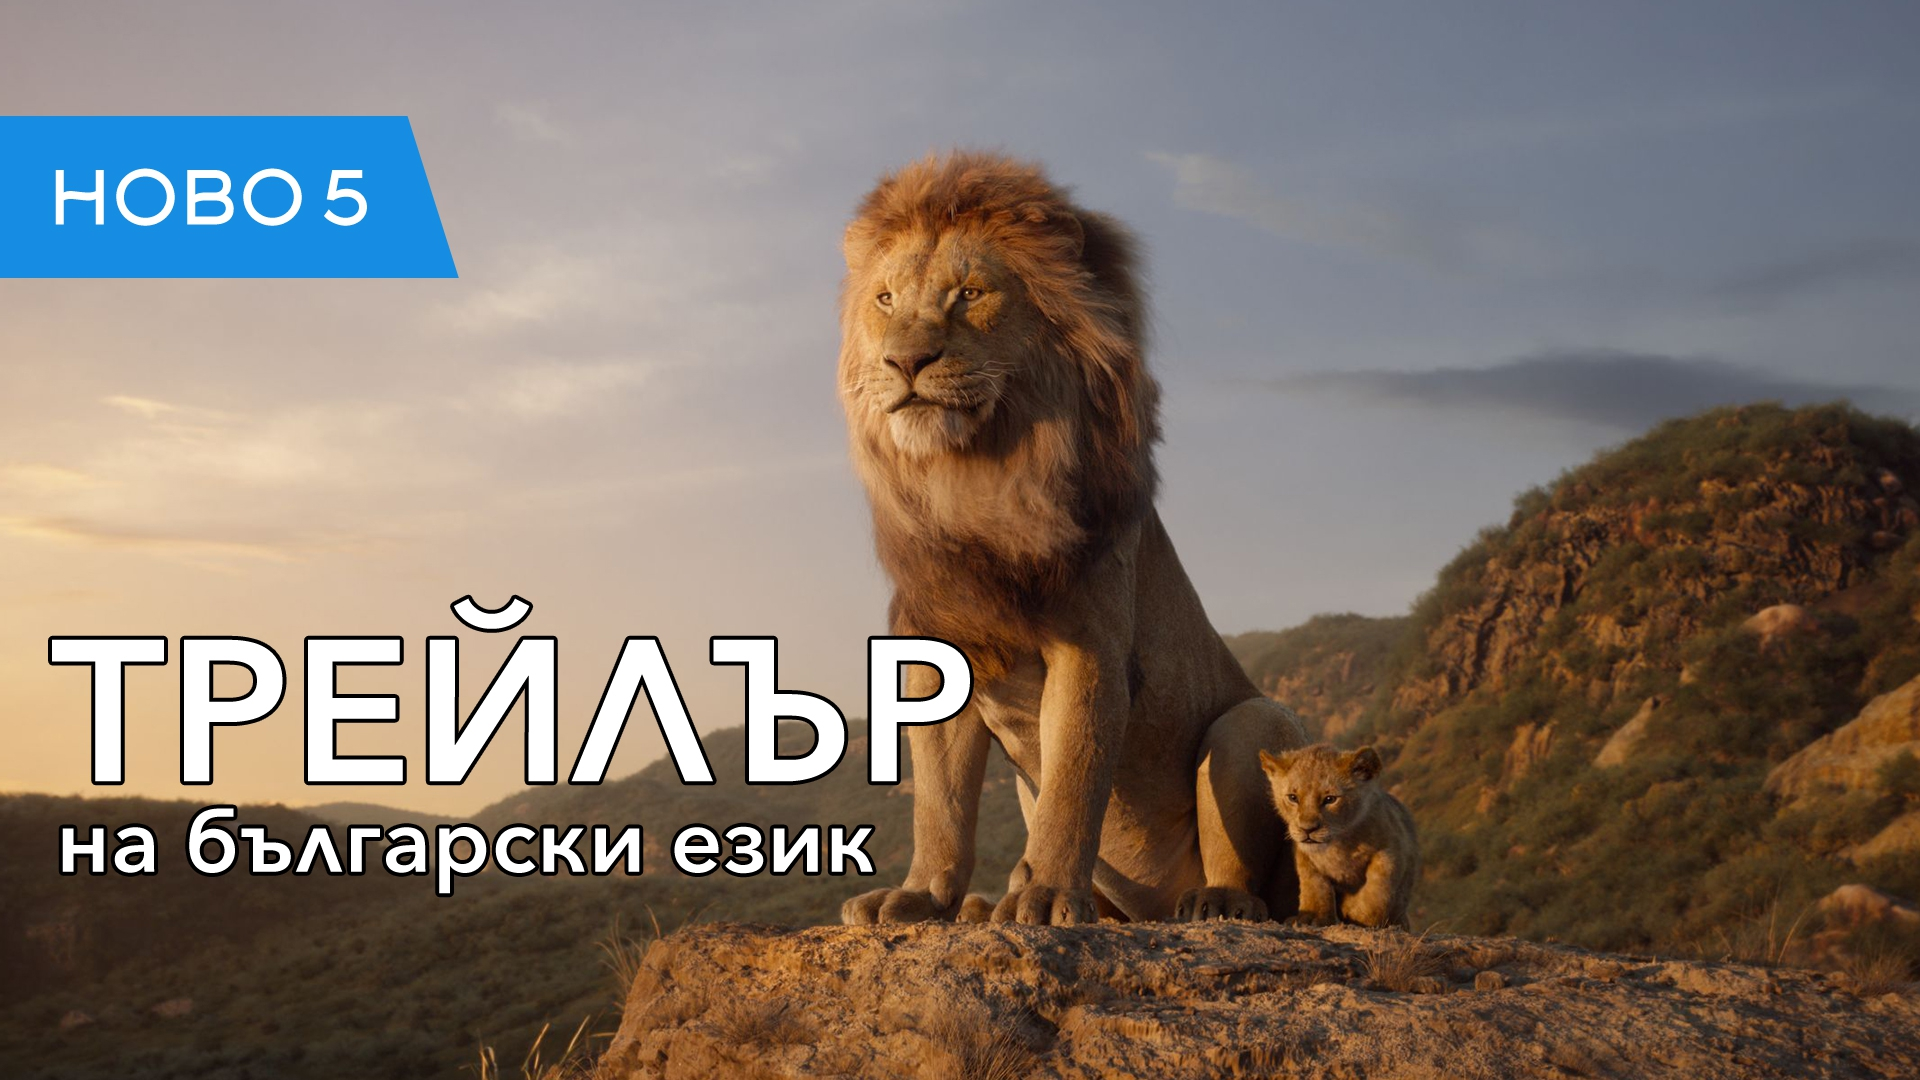 Цар Лъв (2019) трейлър, озвучен на български език